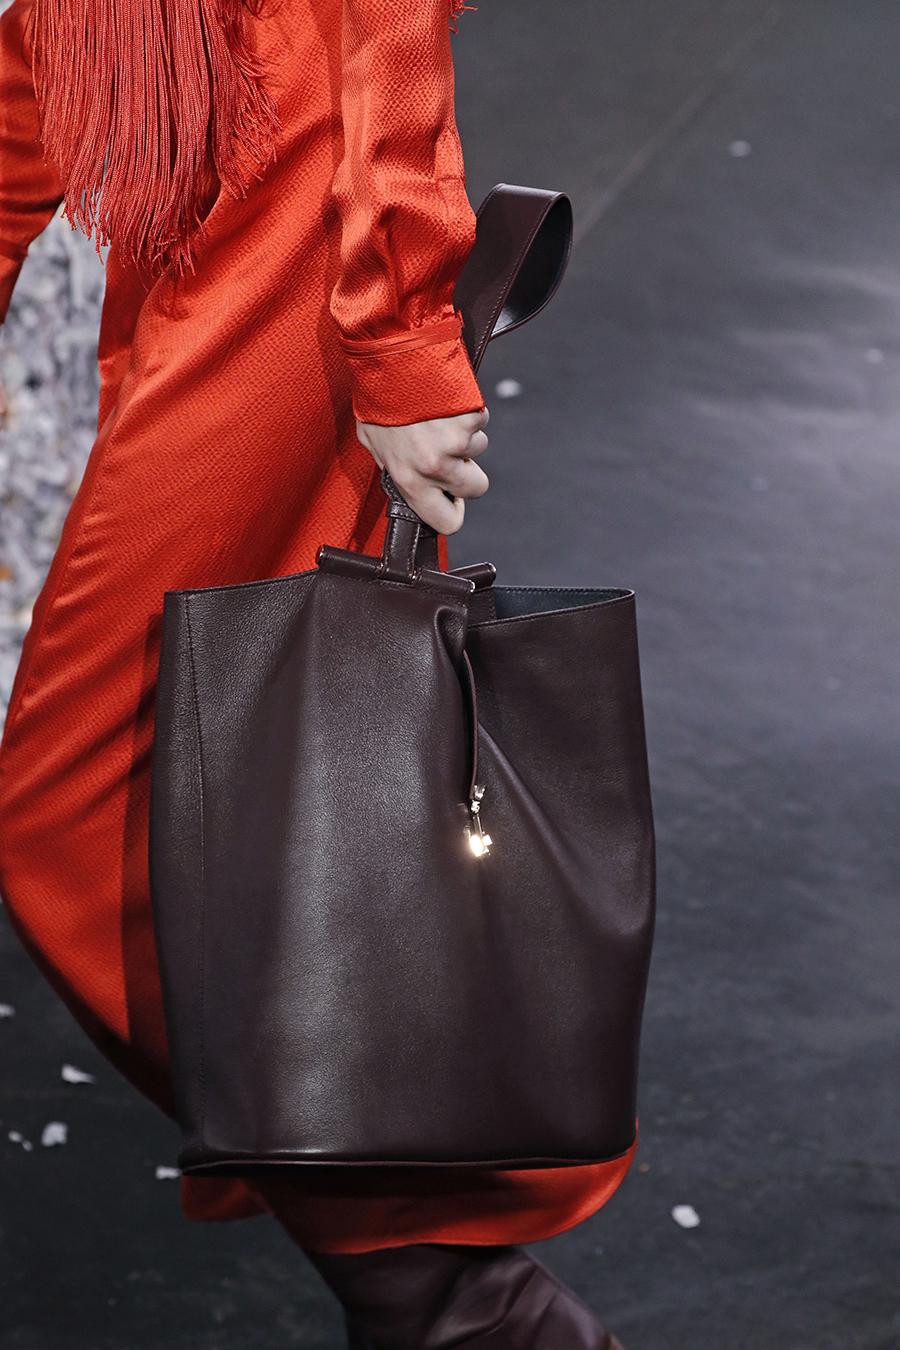 модная сумка мешок кисет осень зима 2020 2021 коричневая кожаная мягкая